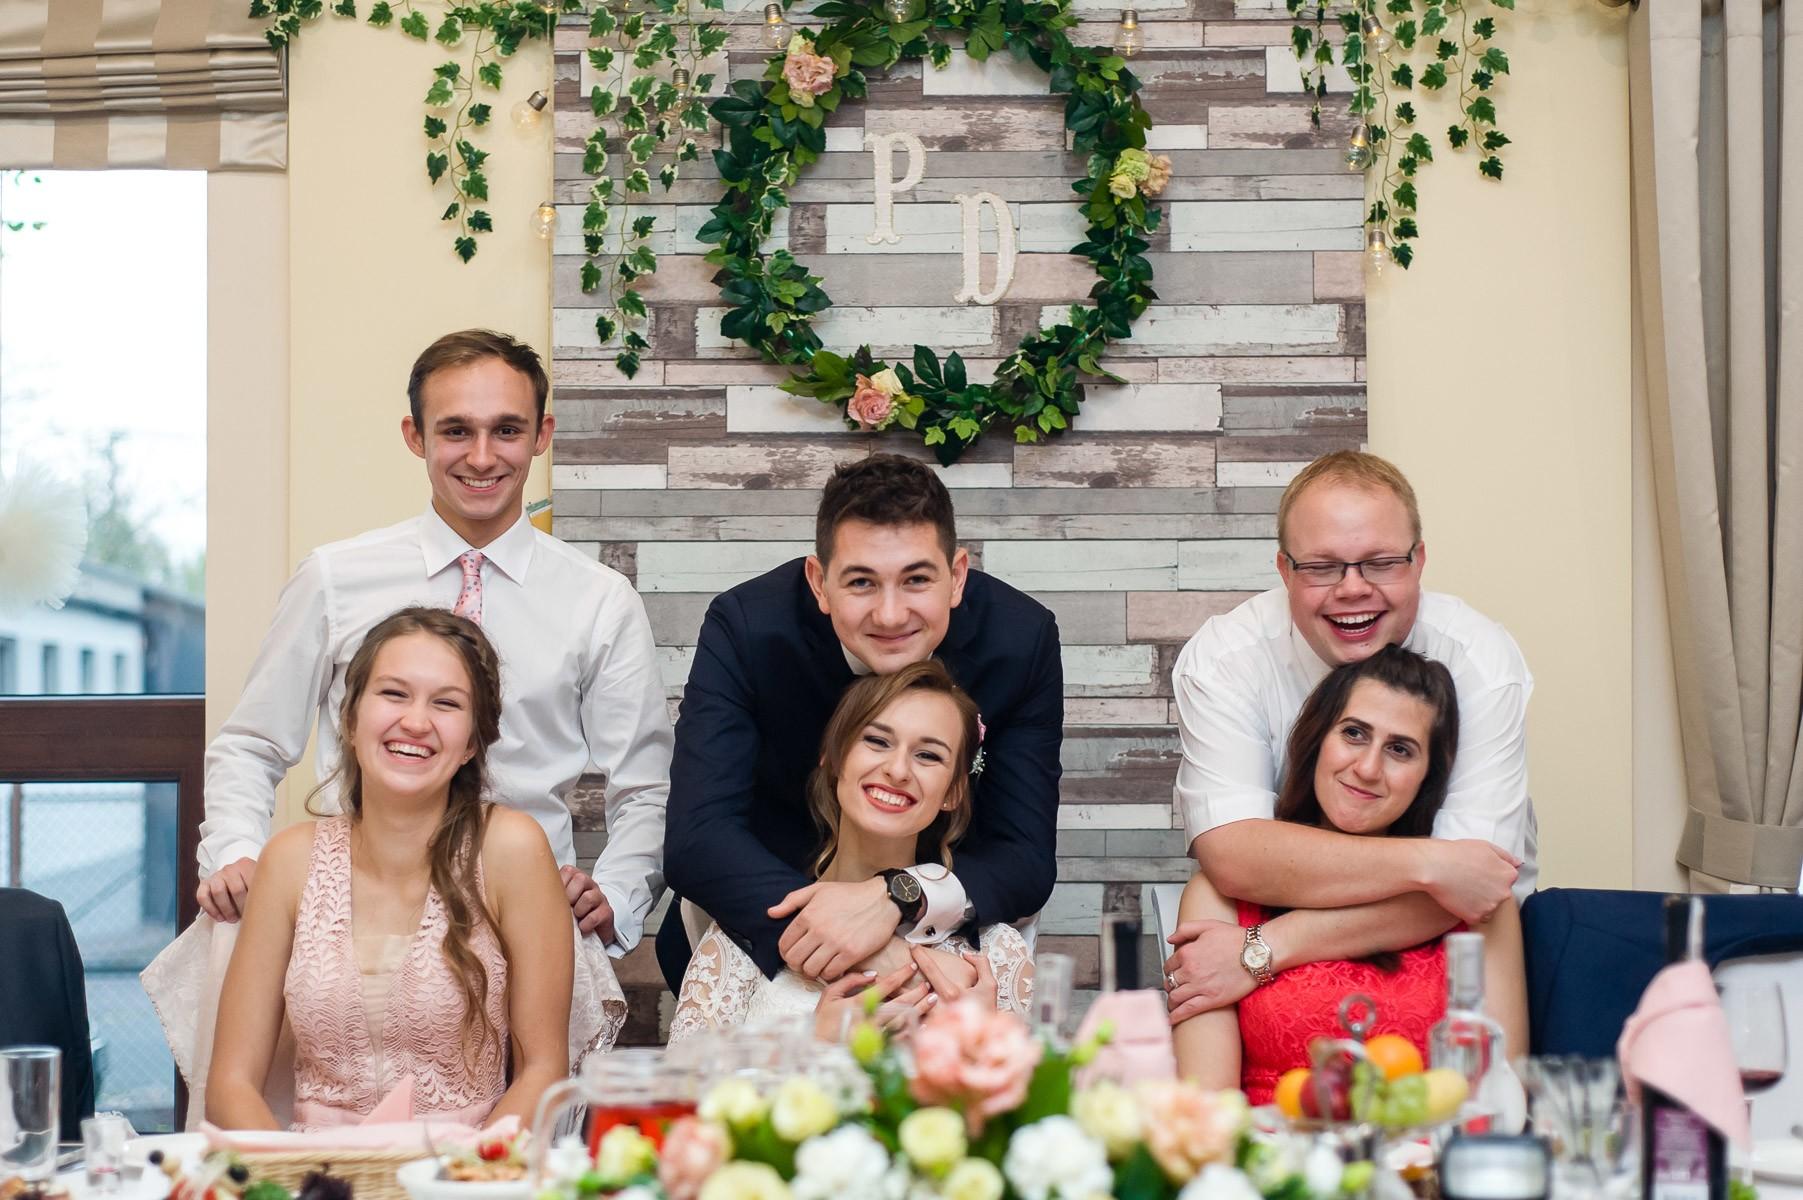 sala na skarpie fotograf slubny slask malopolska adam pietrusiak plener slubny w gorach jw wedding 133